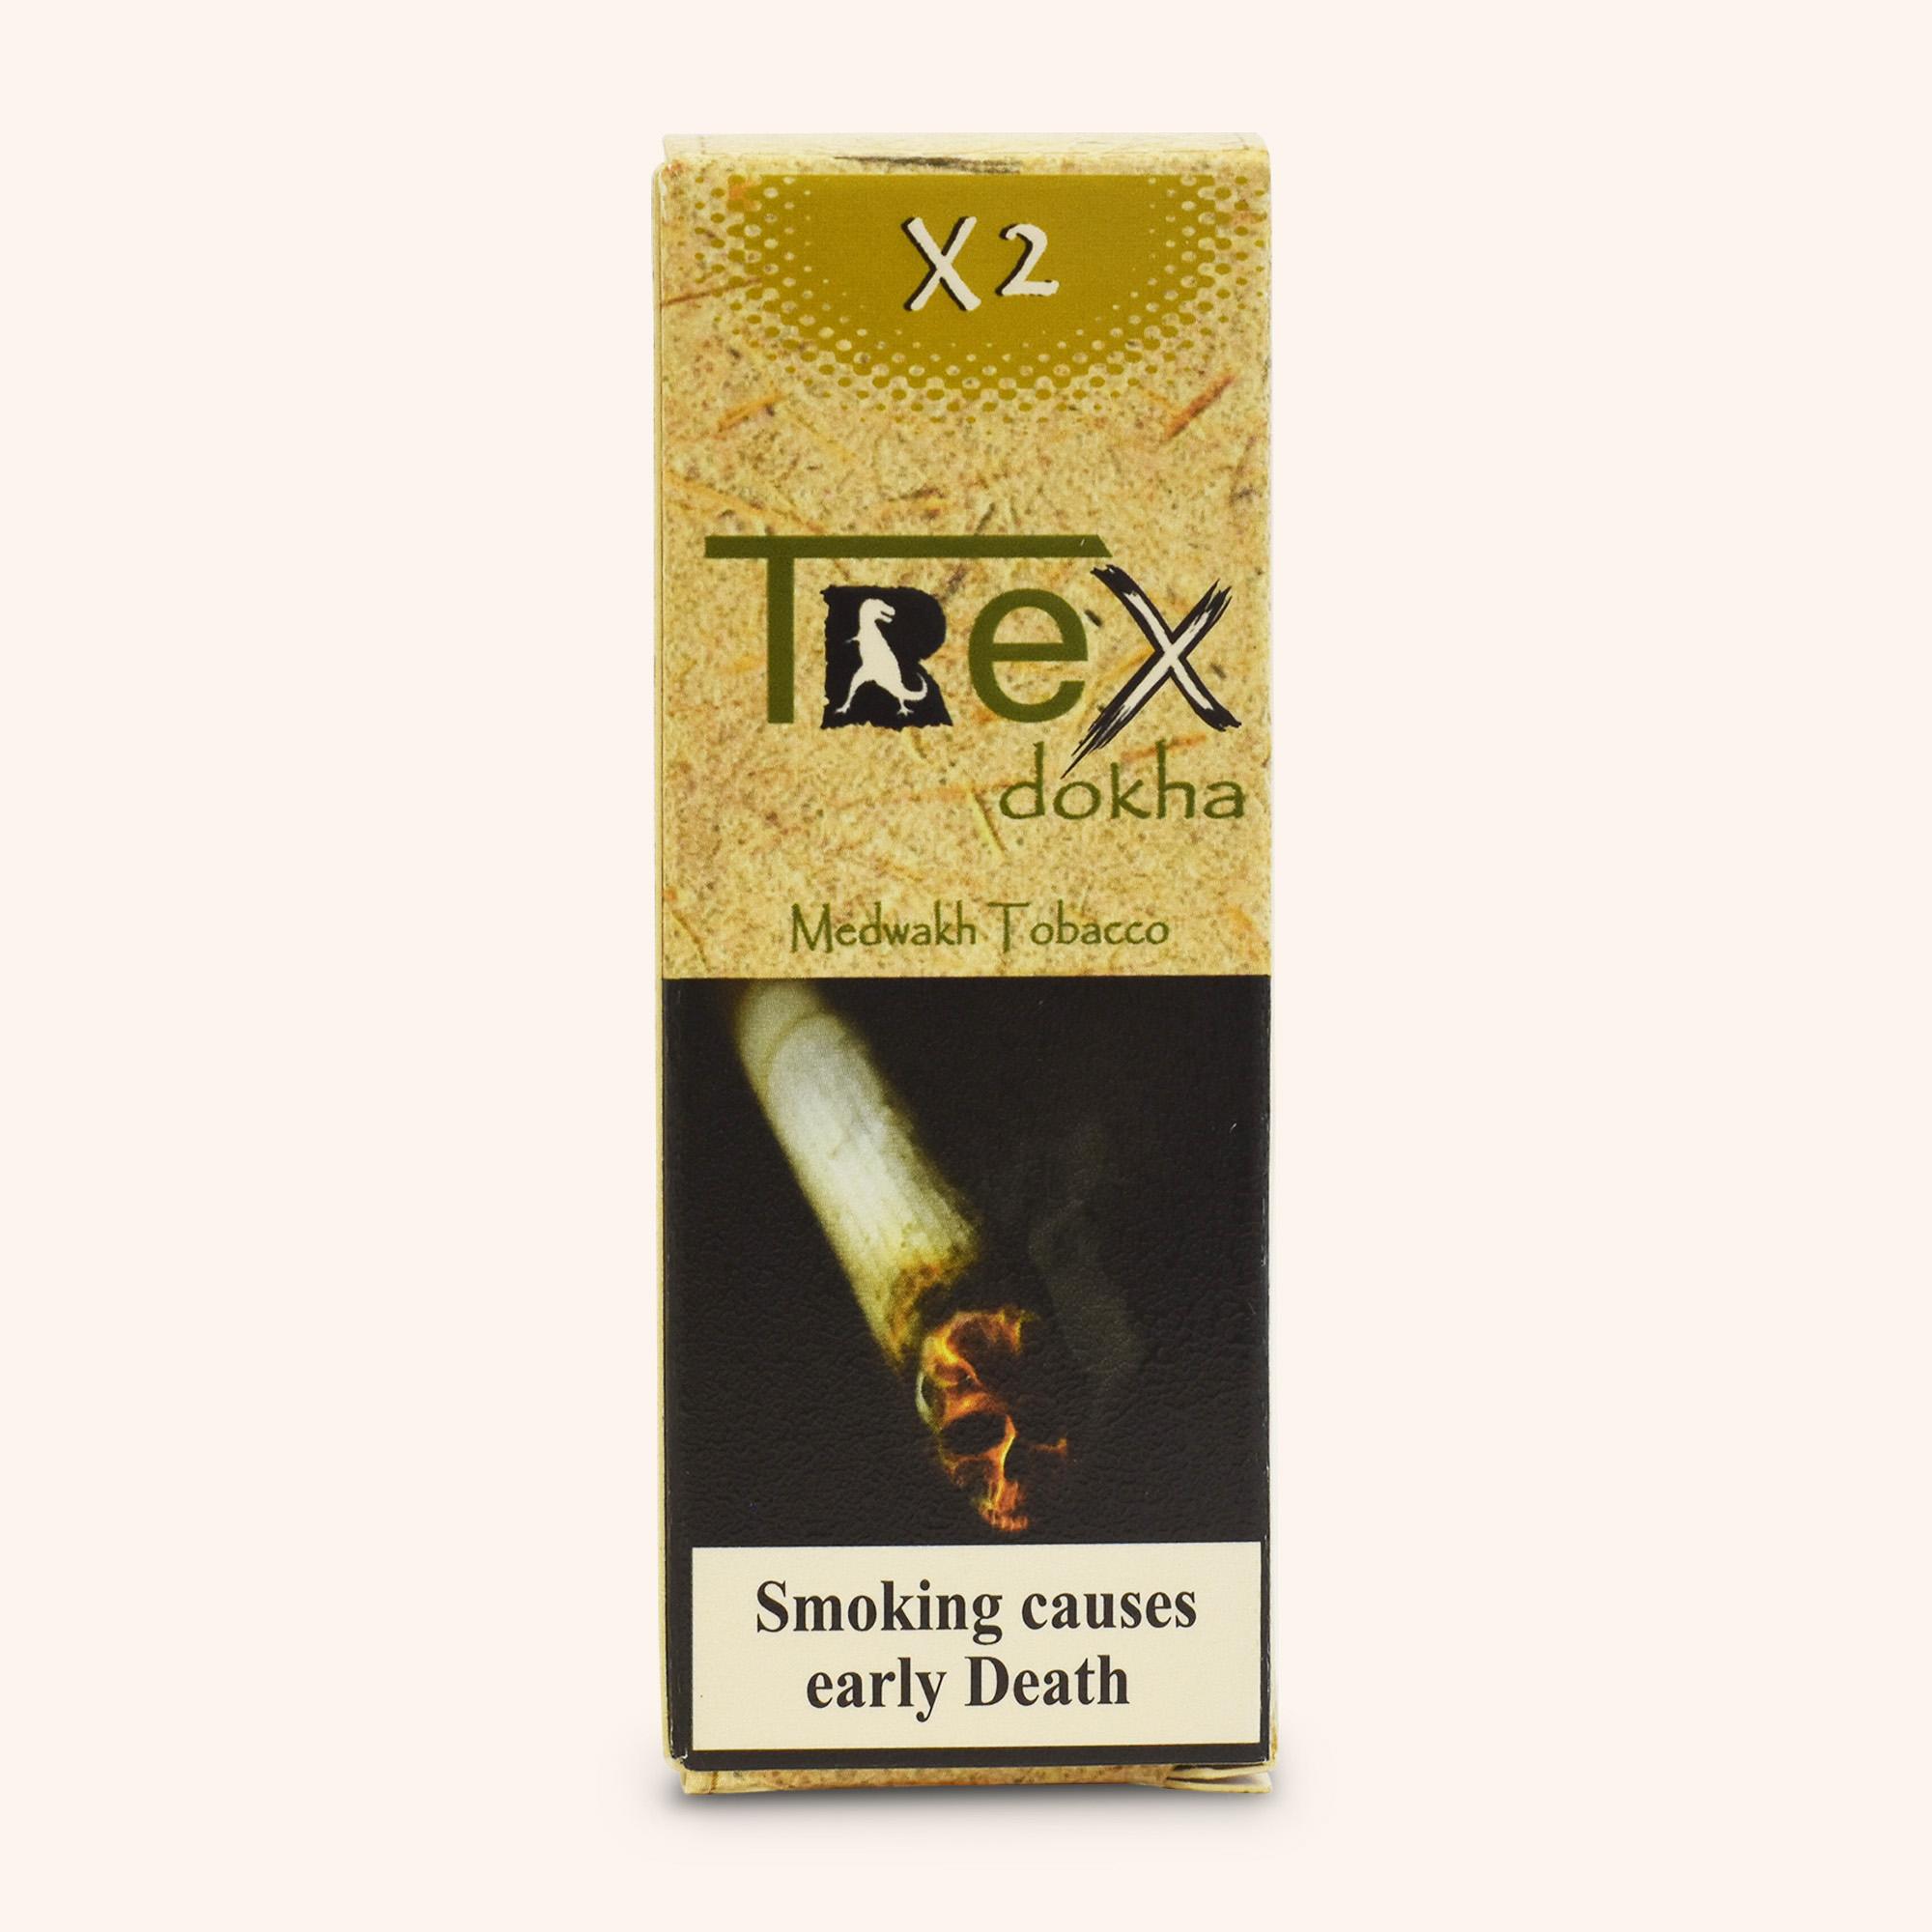 Trex X2 Dokha by Bin Khumery – 50ml / 14g